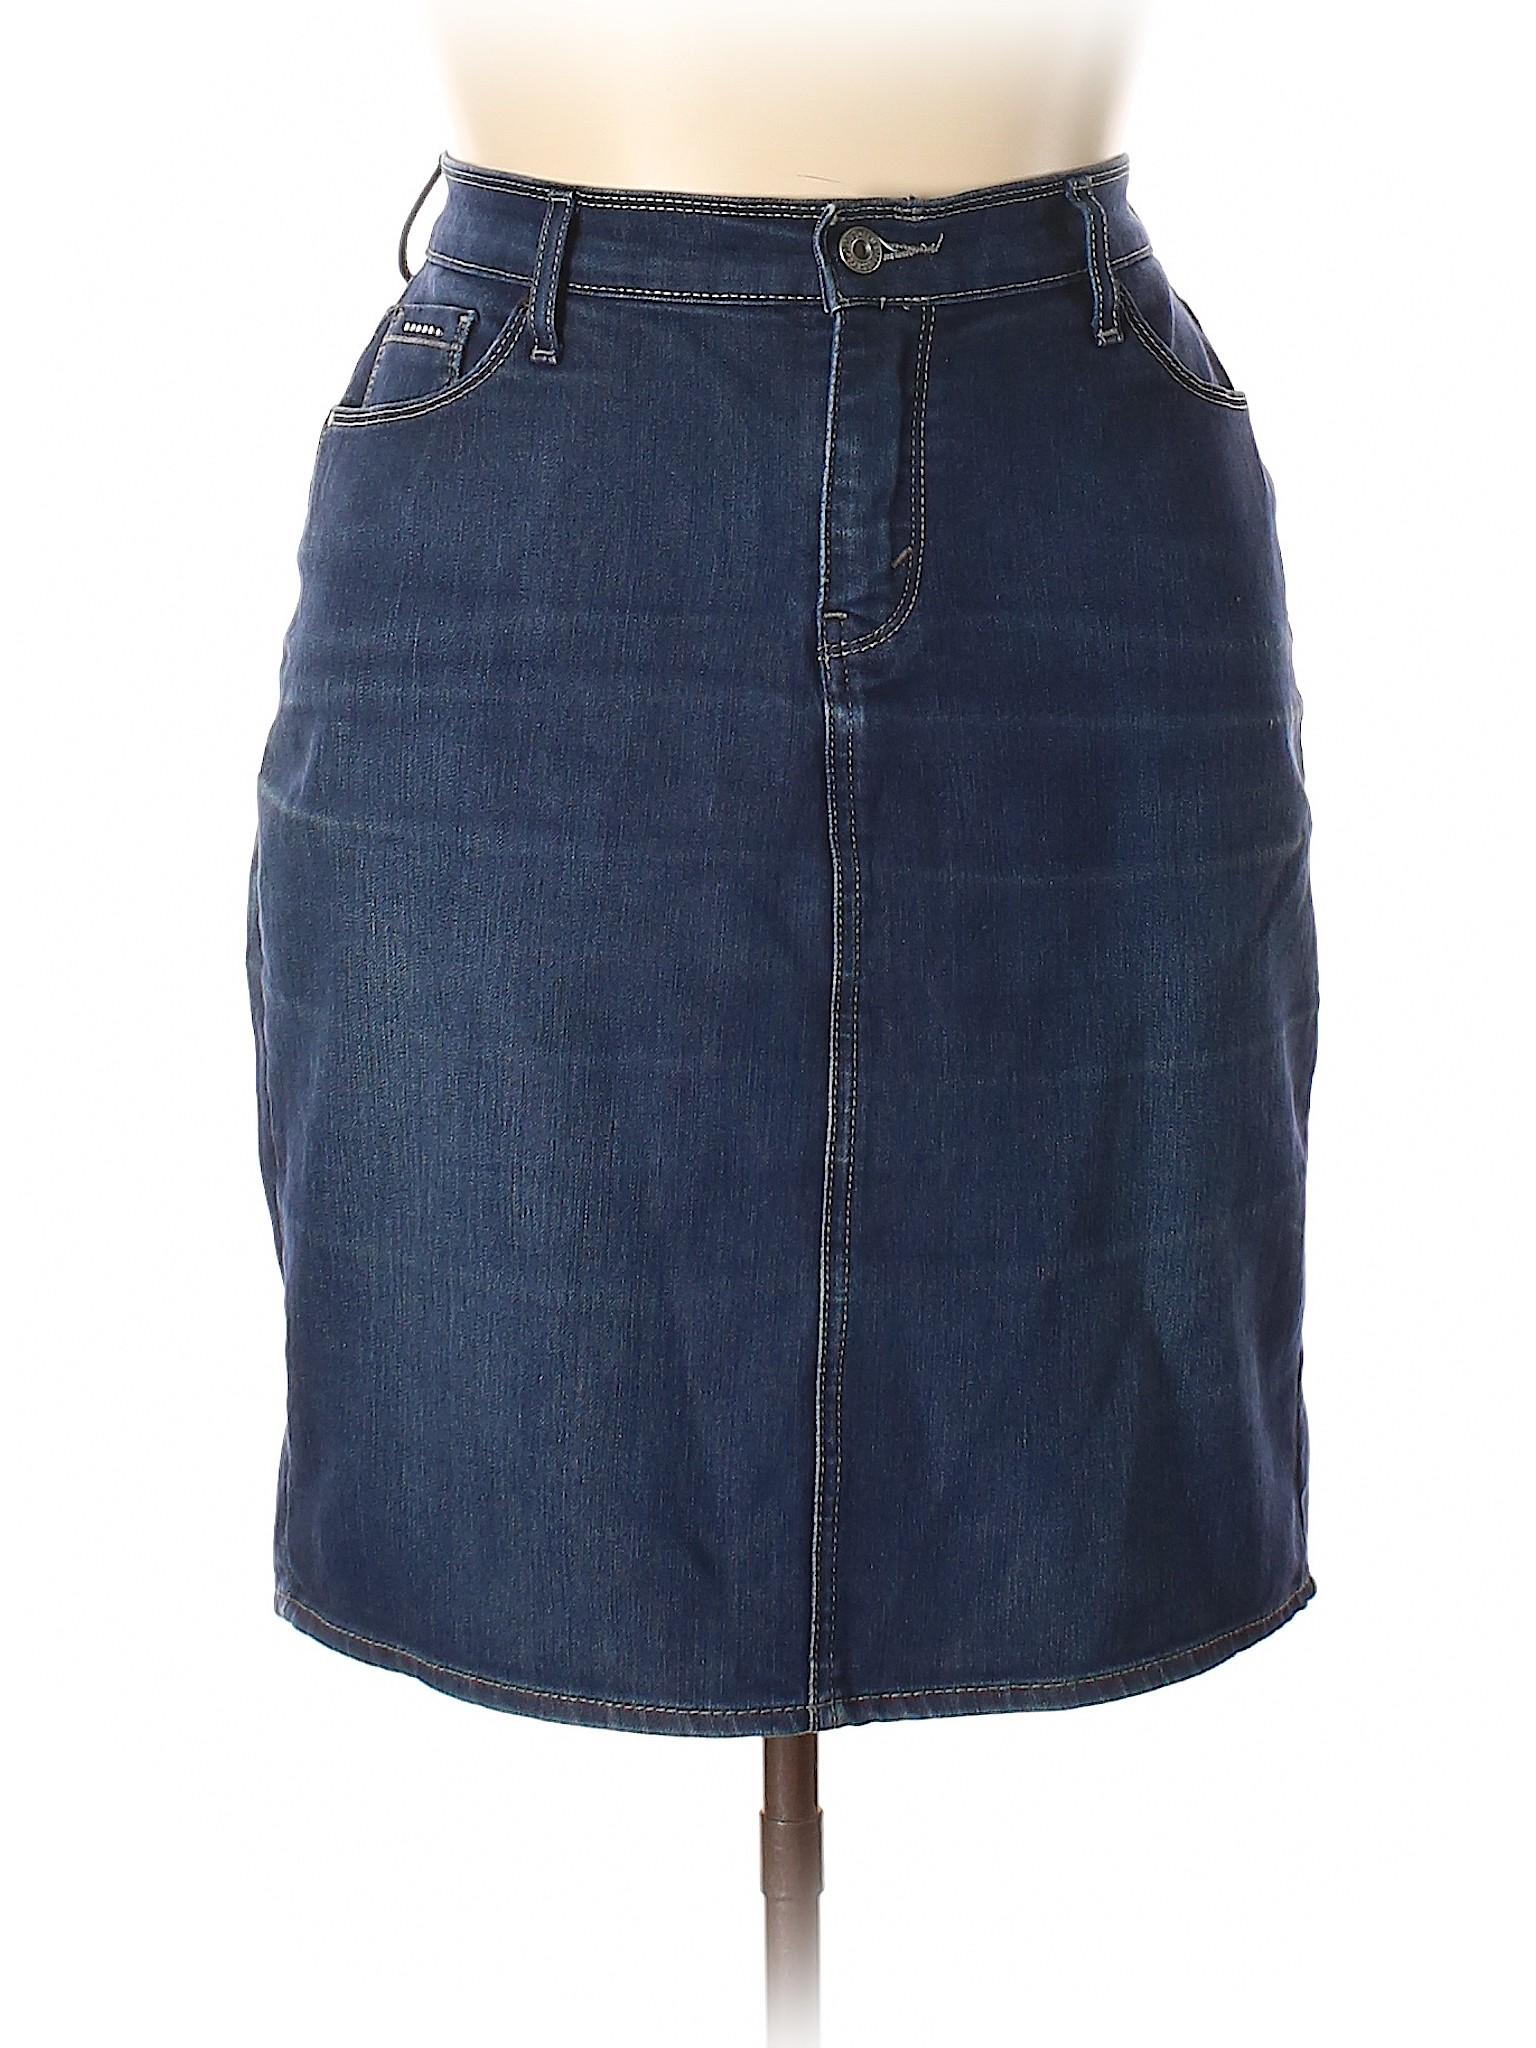 Denim Boutique Skirt Boutique Boutique Denim Skirt Denim Skirt Boutique qZS4Z7